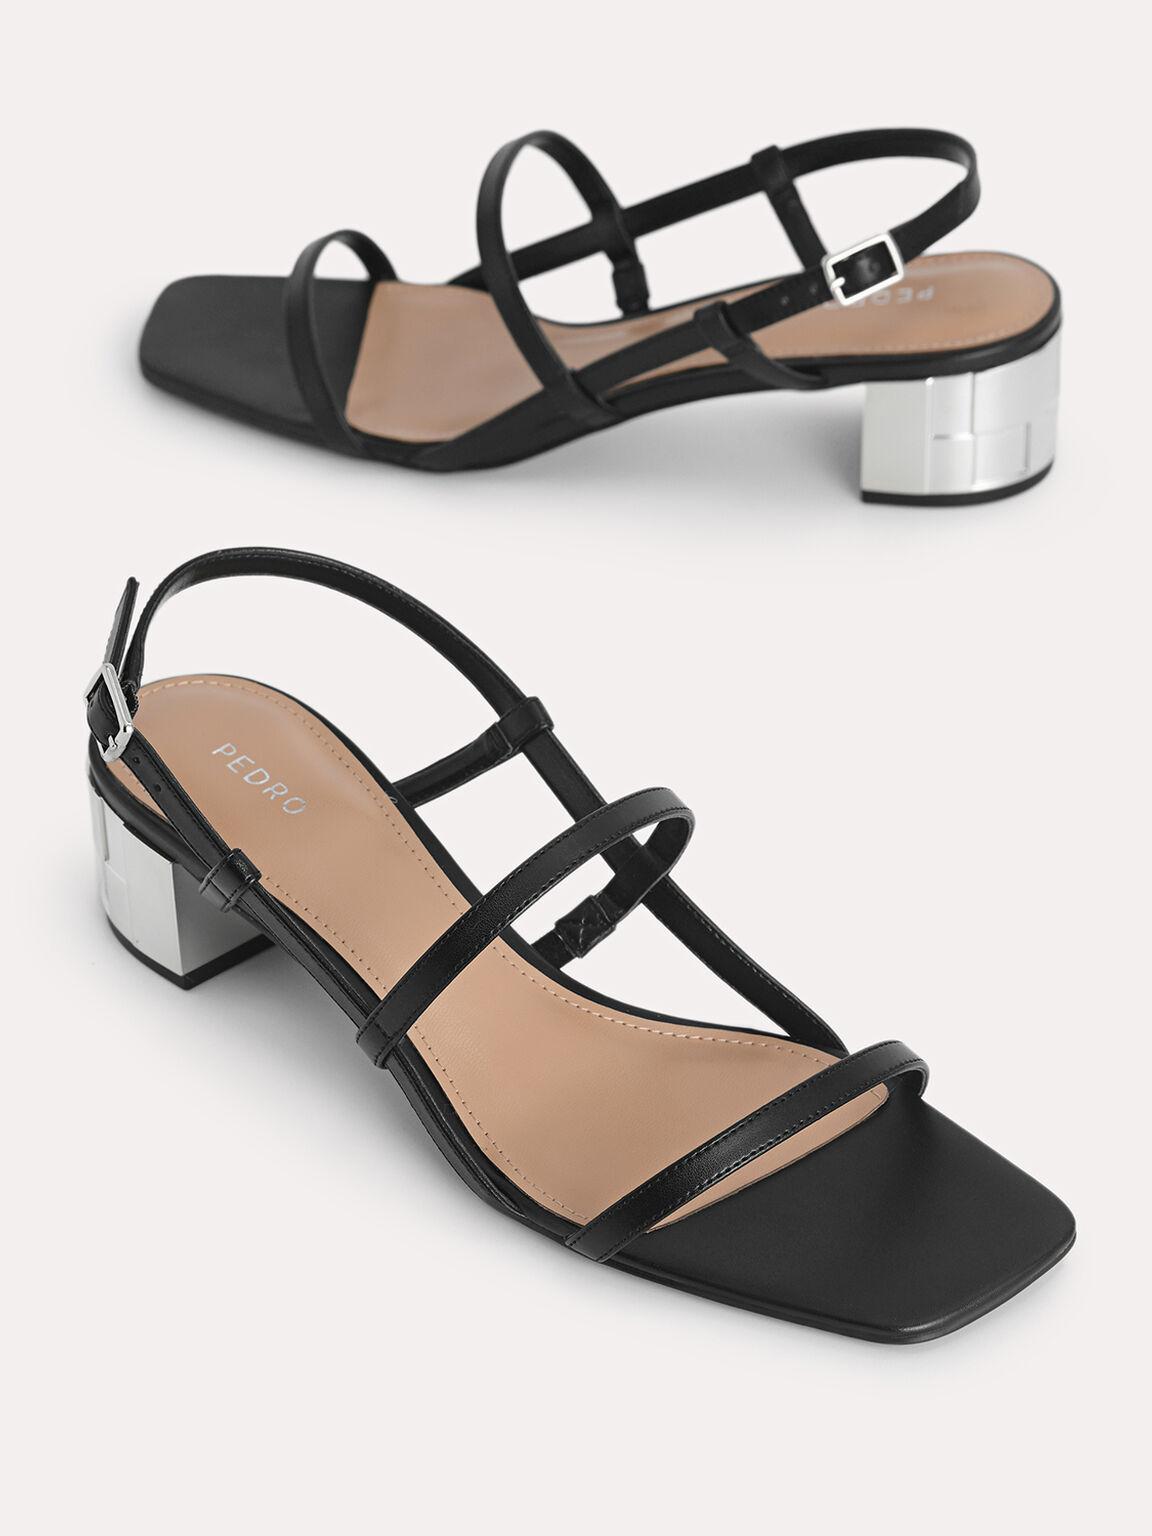 Square-Toe Caged Heeled Sandals, Black, hi-res